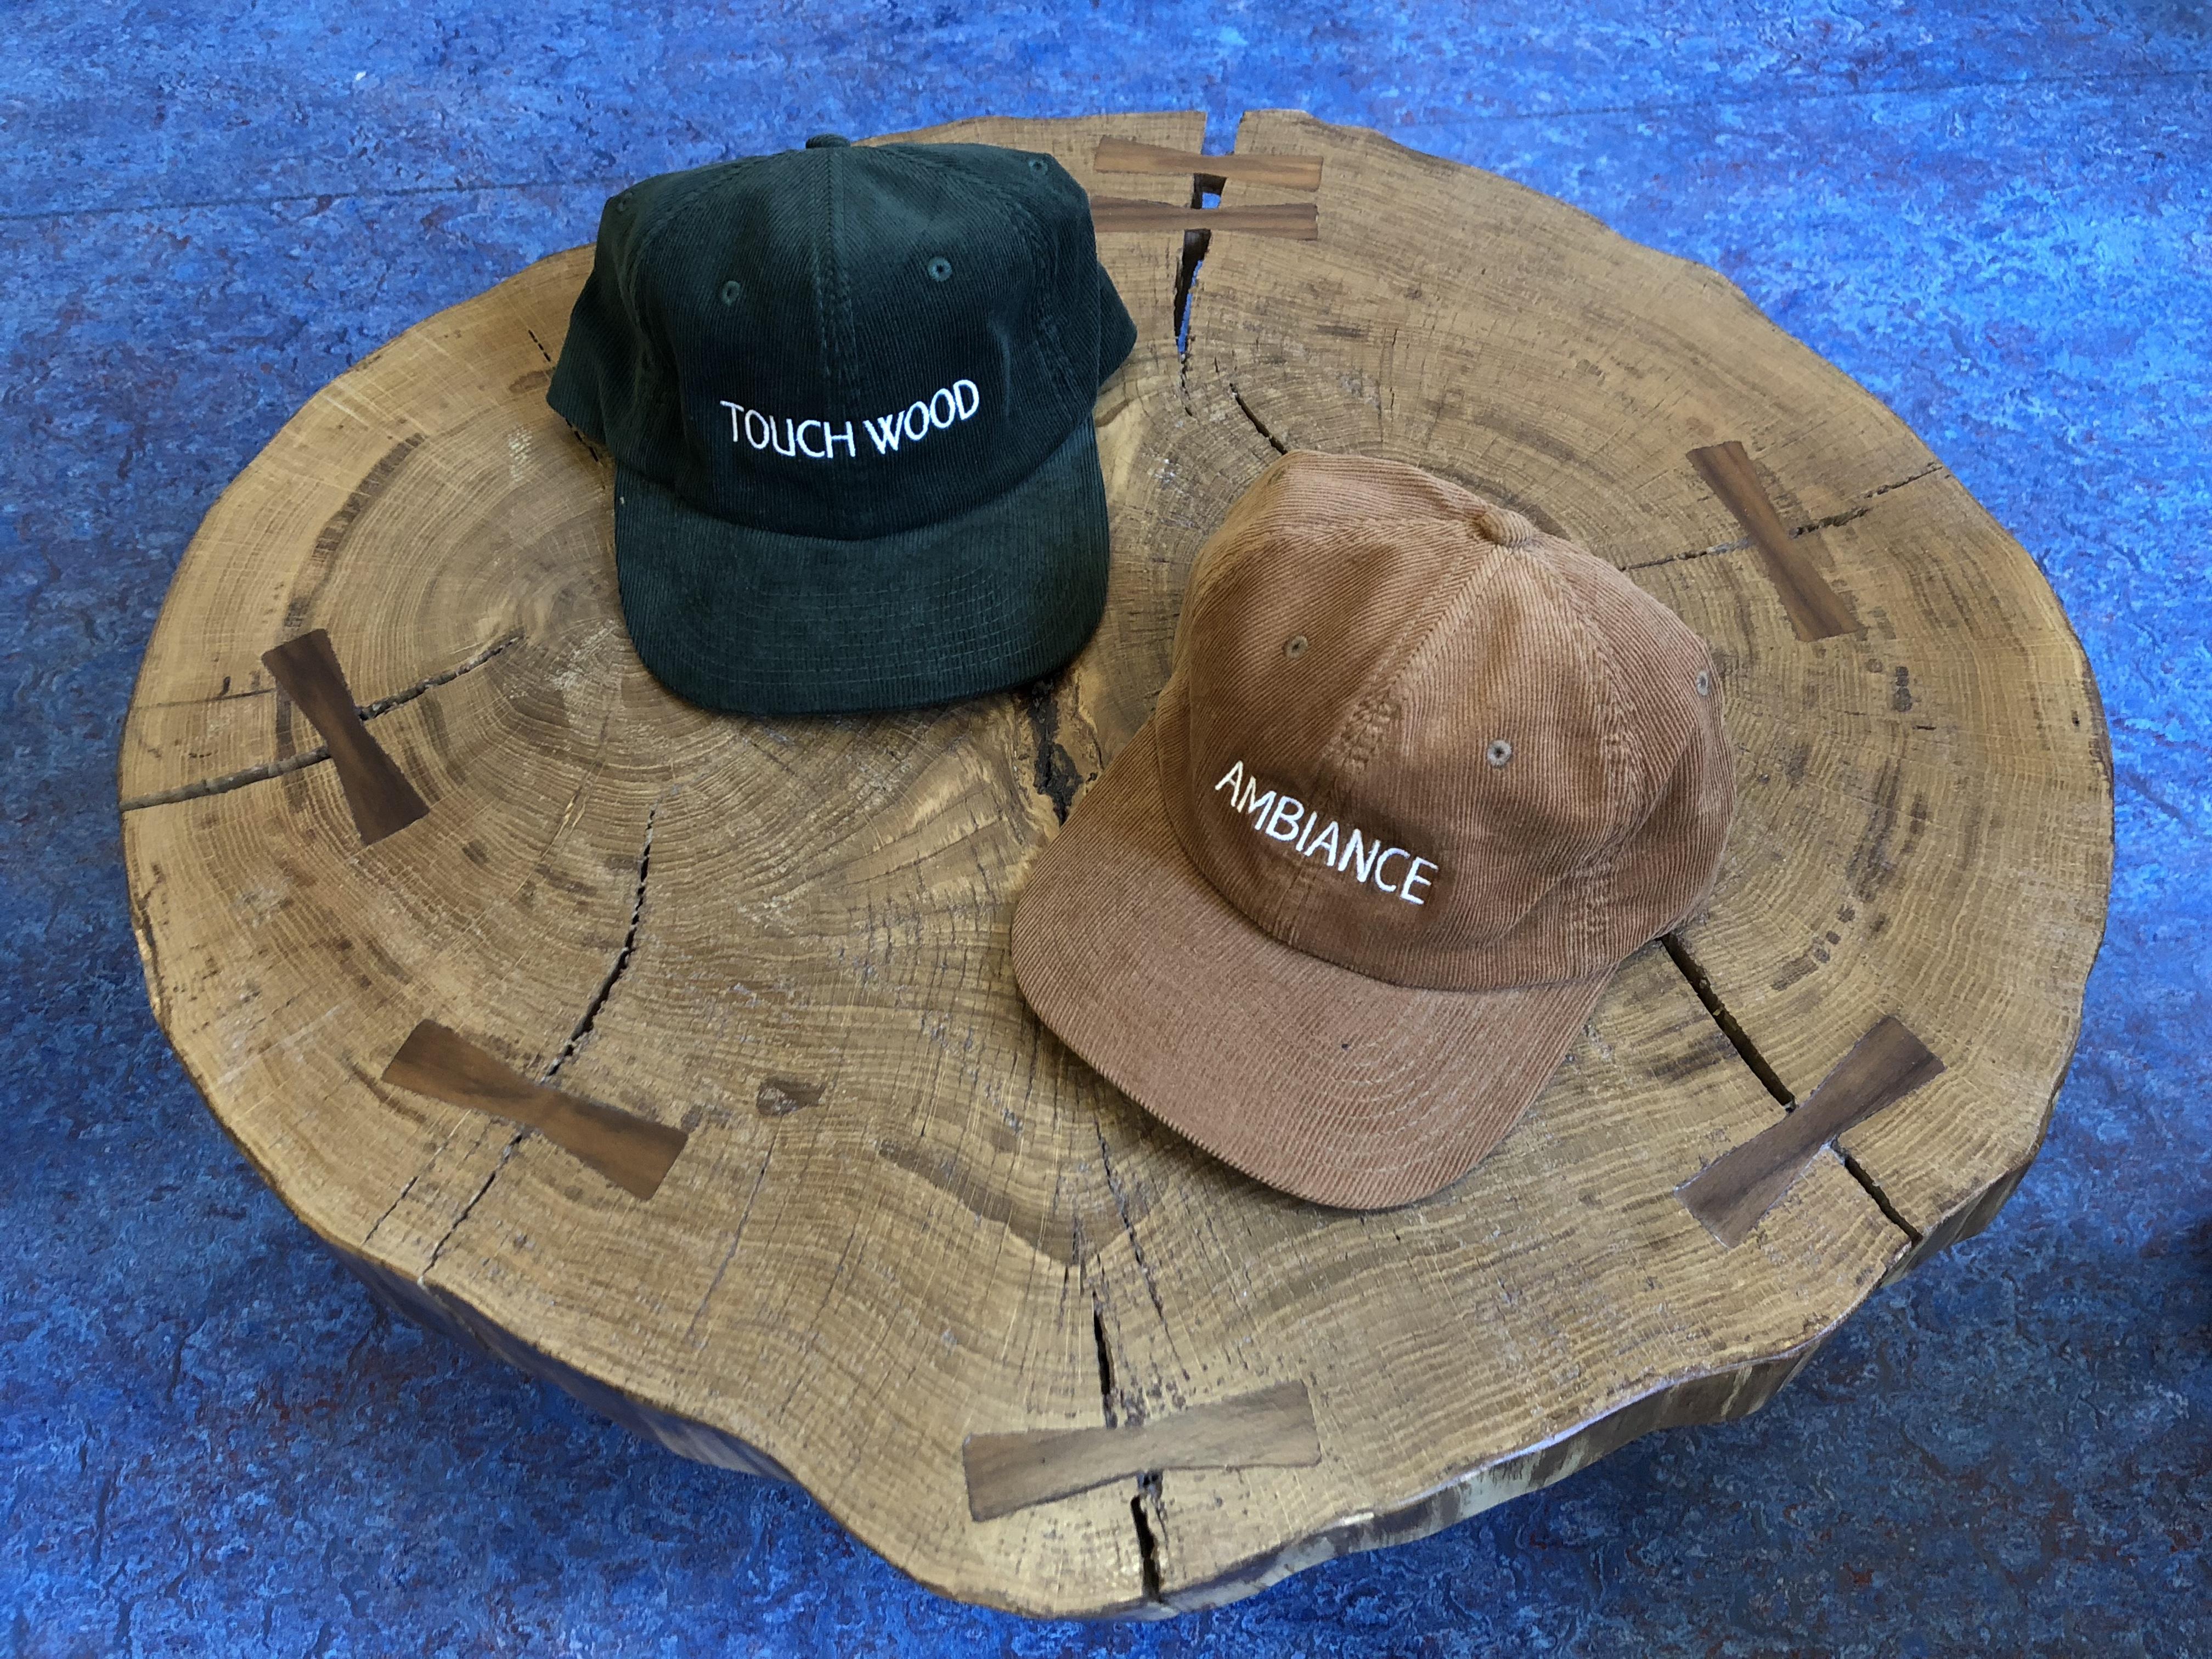 Tribute hats